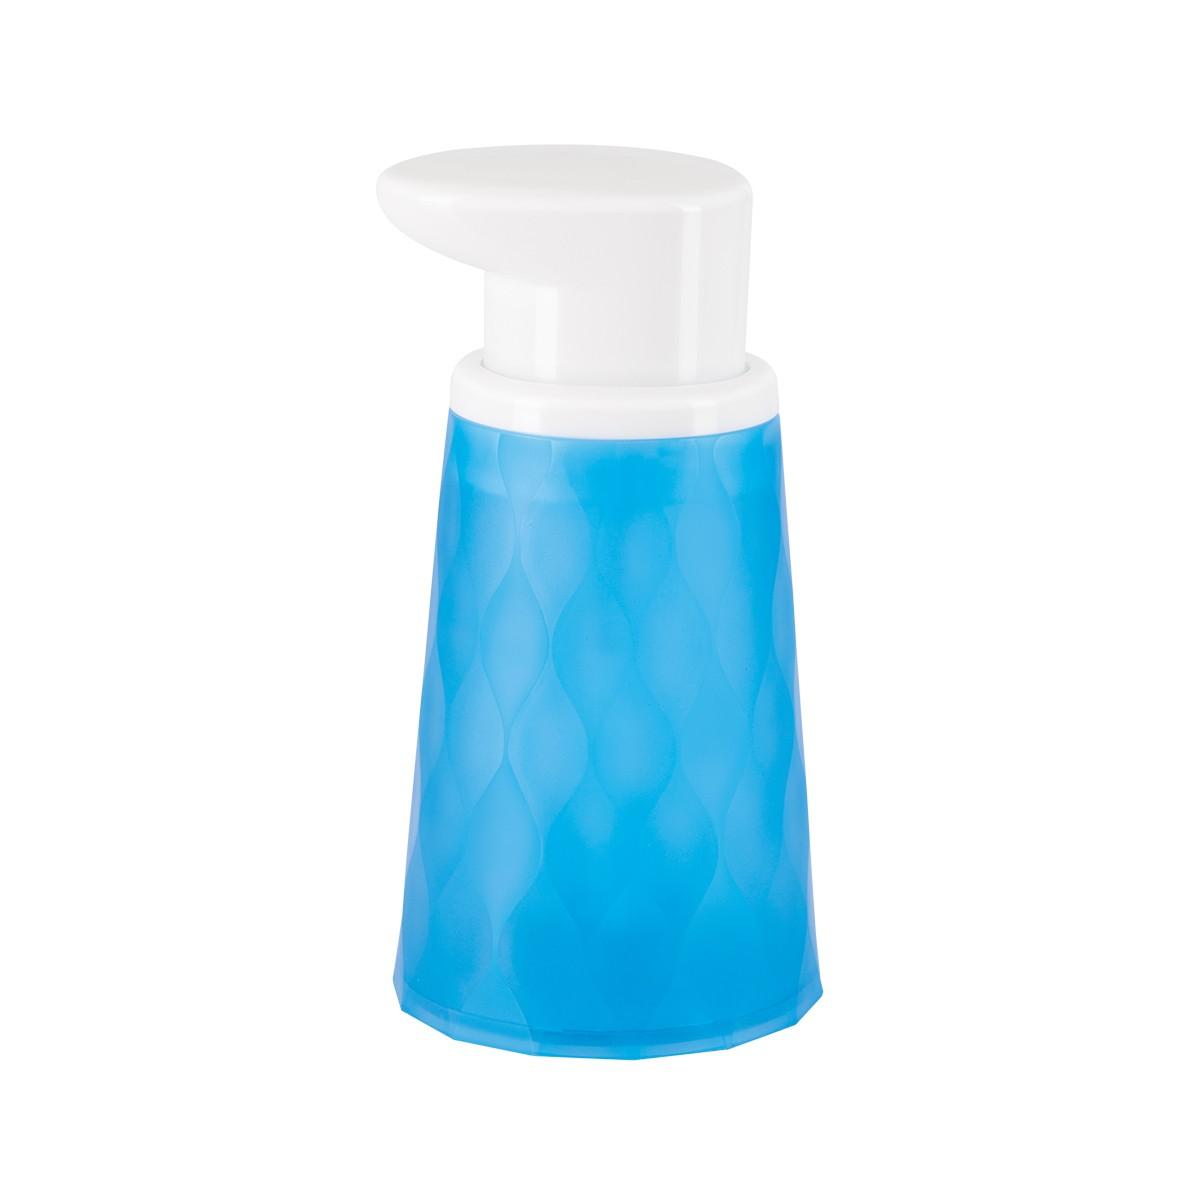 Δοχείο Κρεμοσάπουνου Spirella Pool Blue